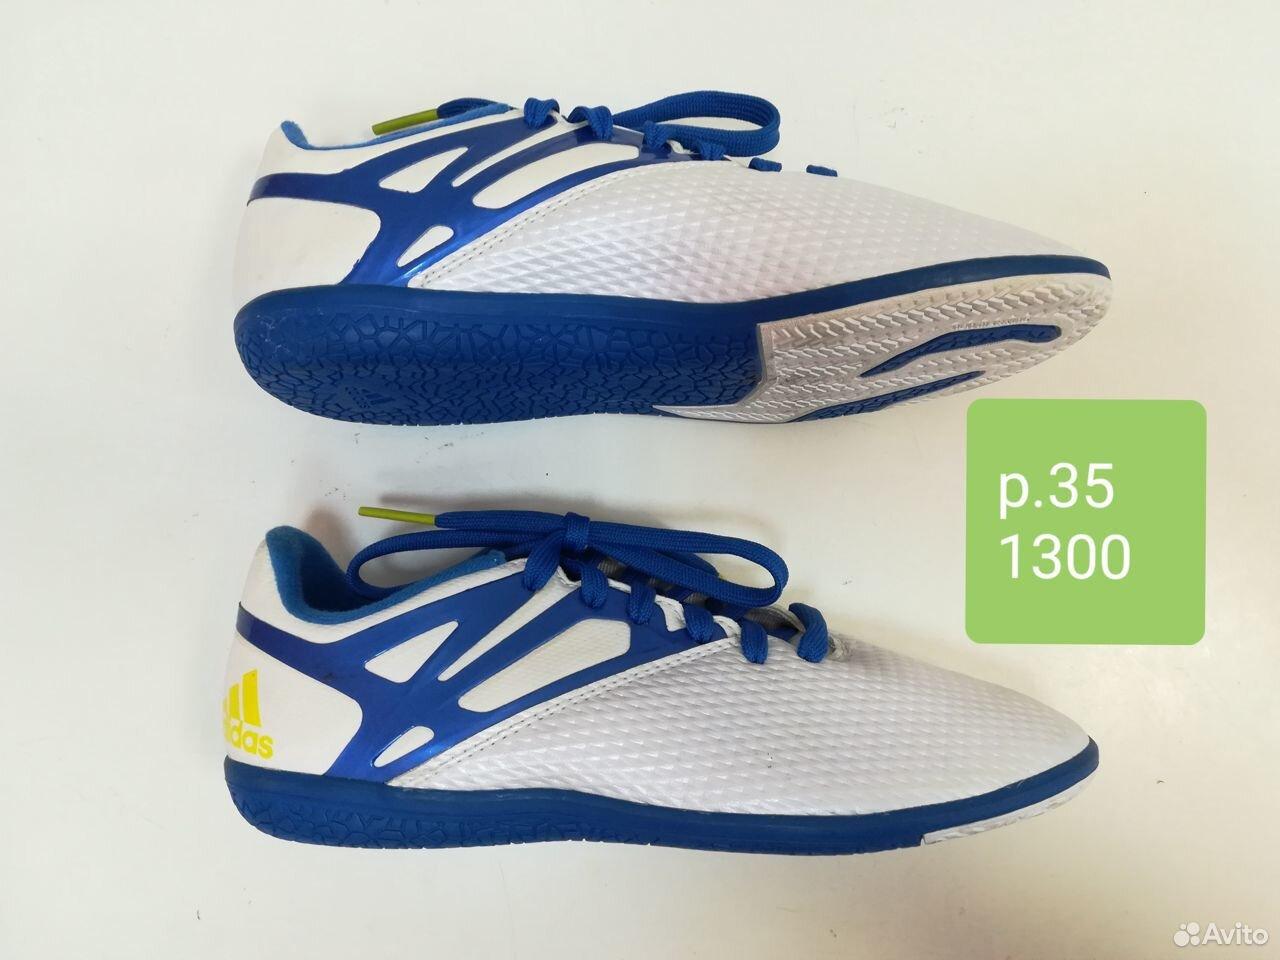 Футзалки adidas messi размер 36 eur  89223002011 купить 1